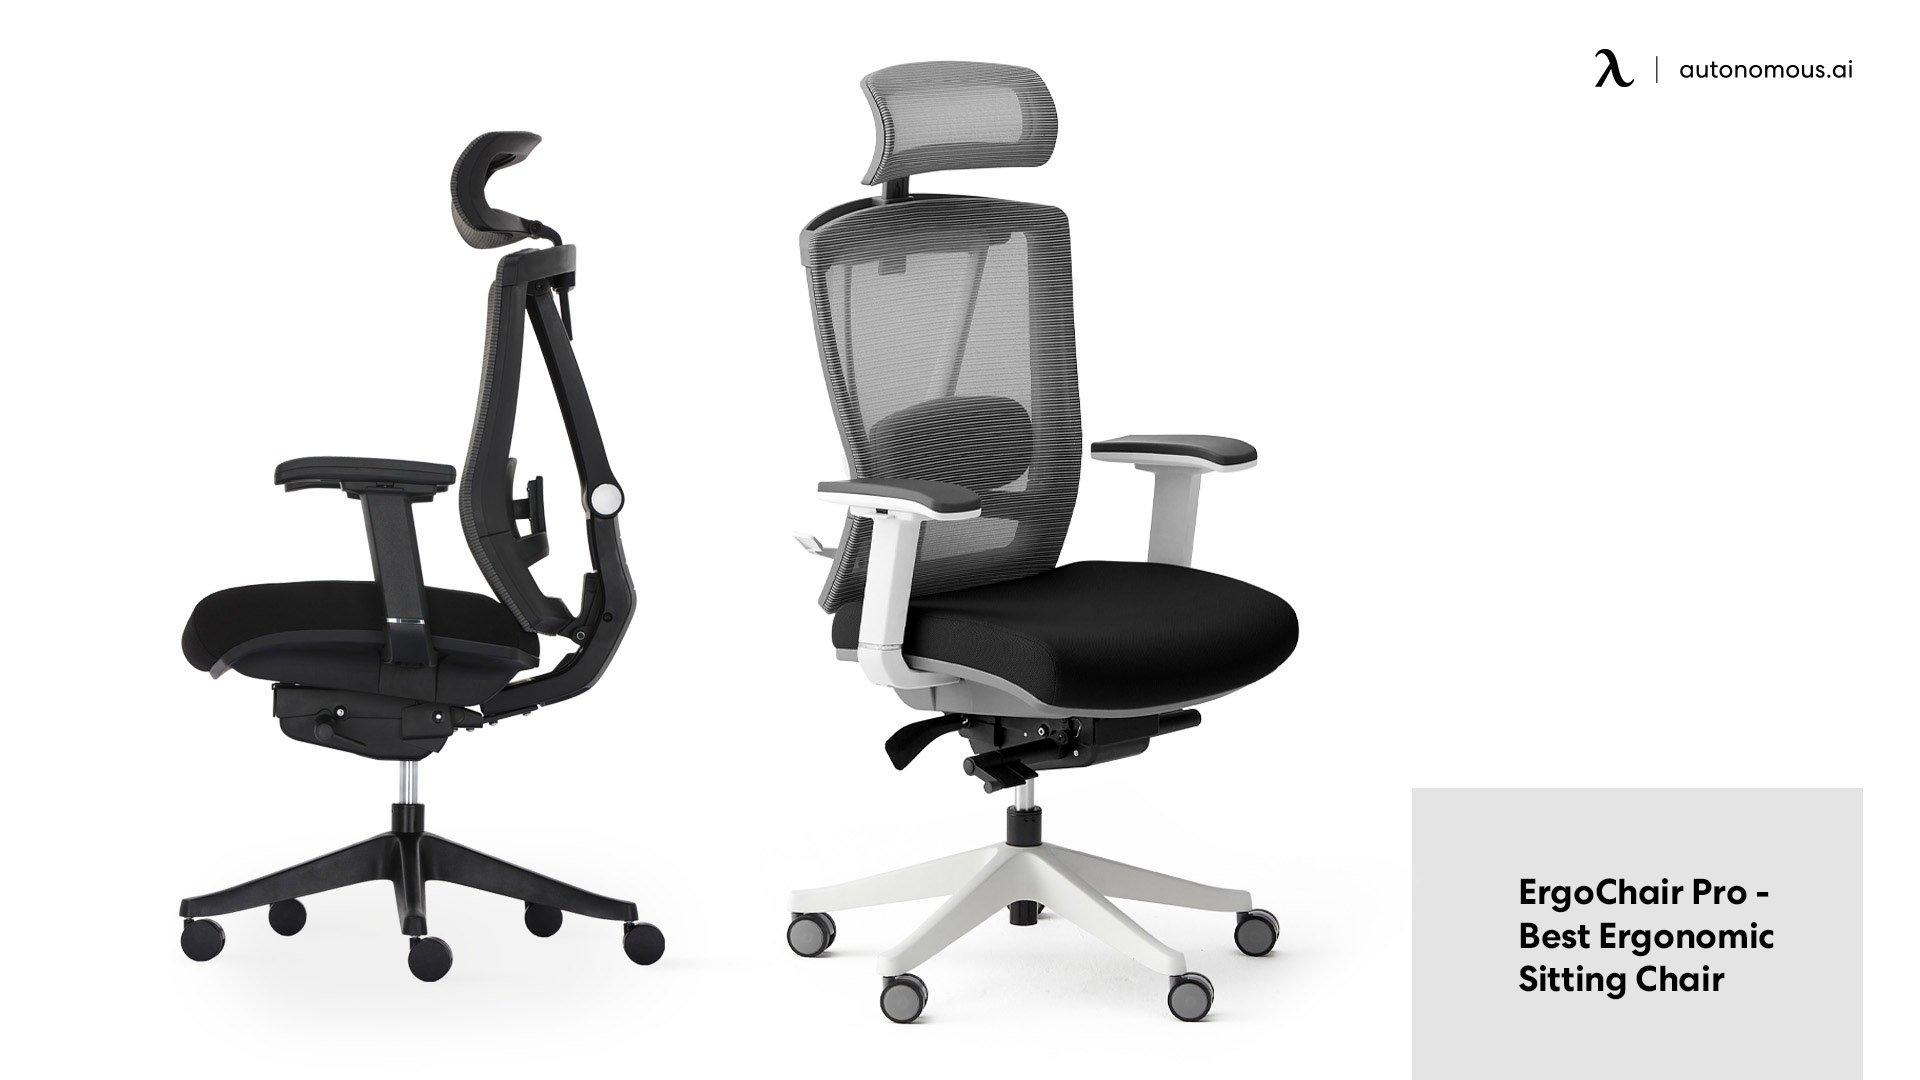 ErgoChair Pro - best office chair for neck pain